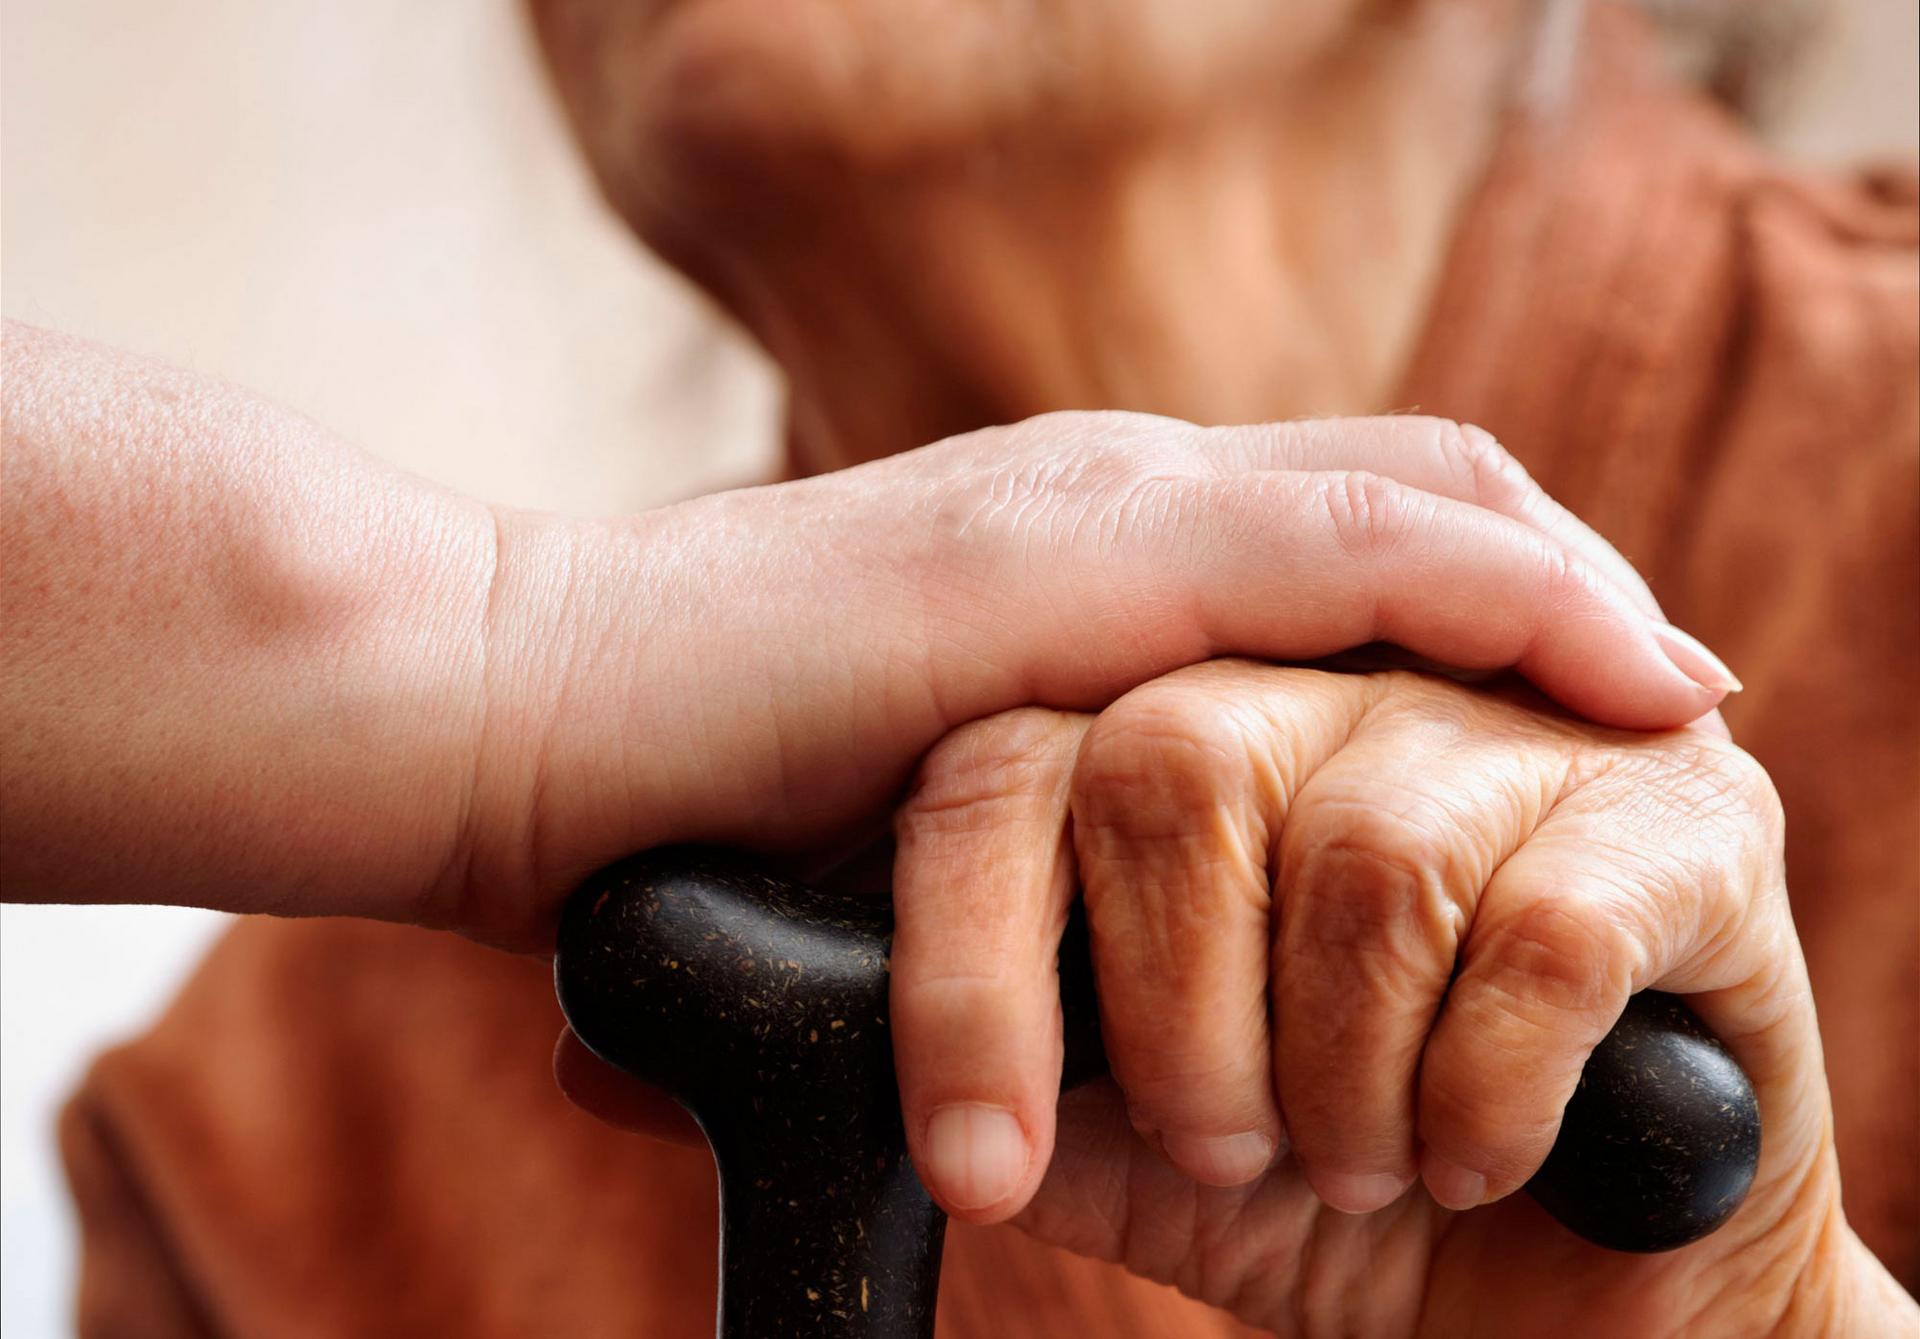 Ympärivuorokautisten hoivapaikkojen hakemuksiin liittyvä palvelutarpeen arviointi aloitettiin Kangasalla viimeistään seitsemän päivän kuluessa hakemuksen saapumisesta. Iclipart